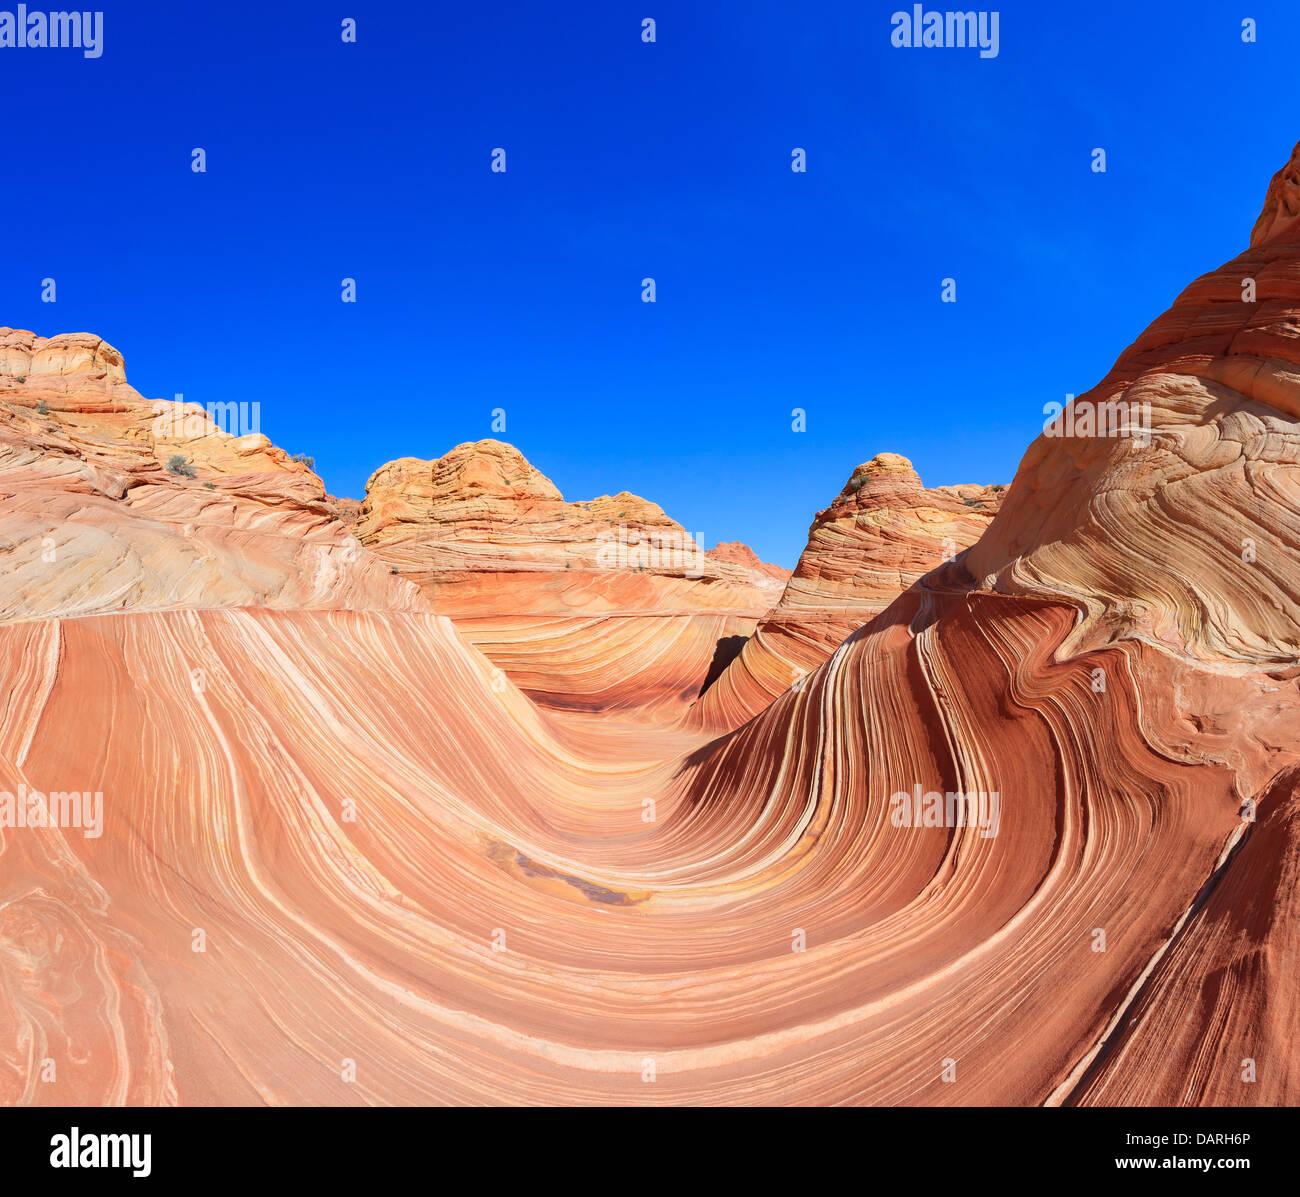 Formaciones rocosas en el norte Coyote Buttes, parte del Monumento Nacional Vermilion Cliffs. Esta área también Imagen De Stock